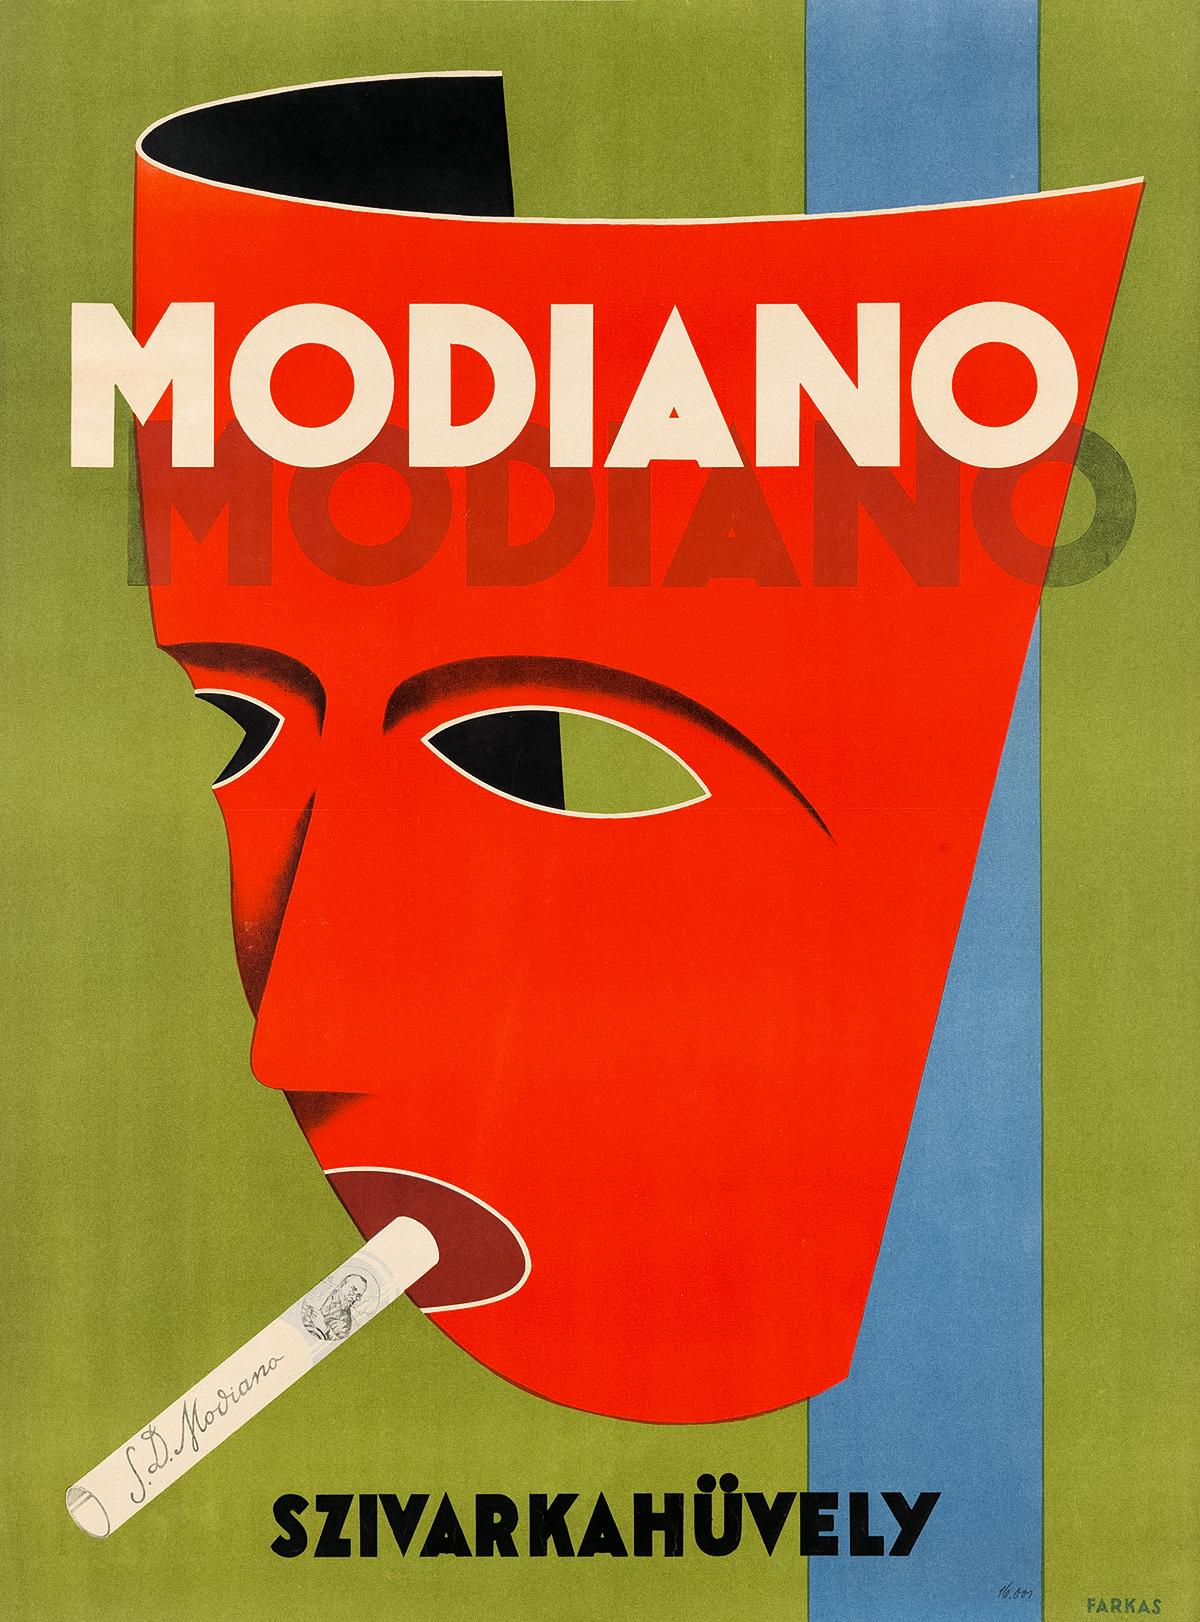 Modiano Cigarette Poster by Andreas Farkas 1929